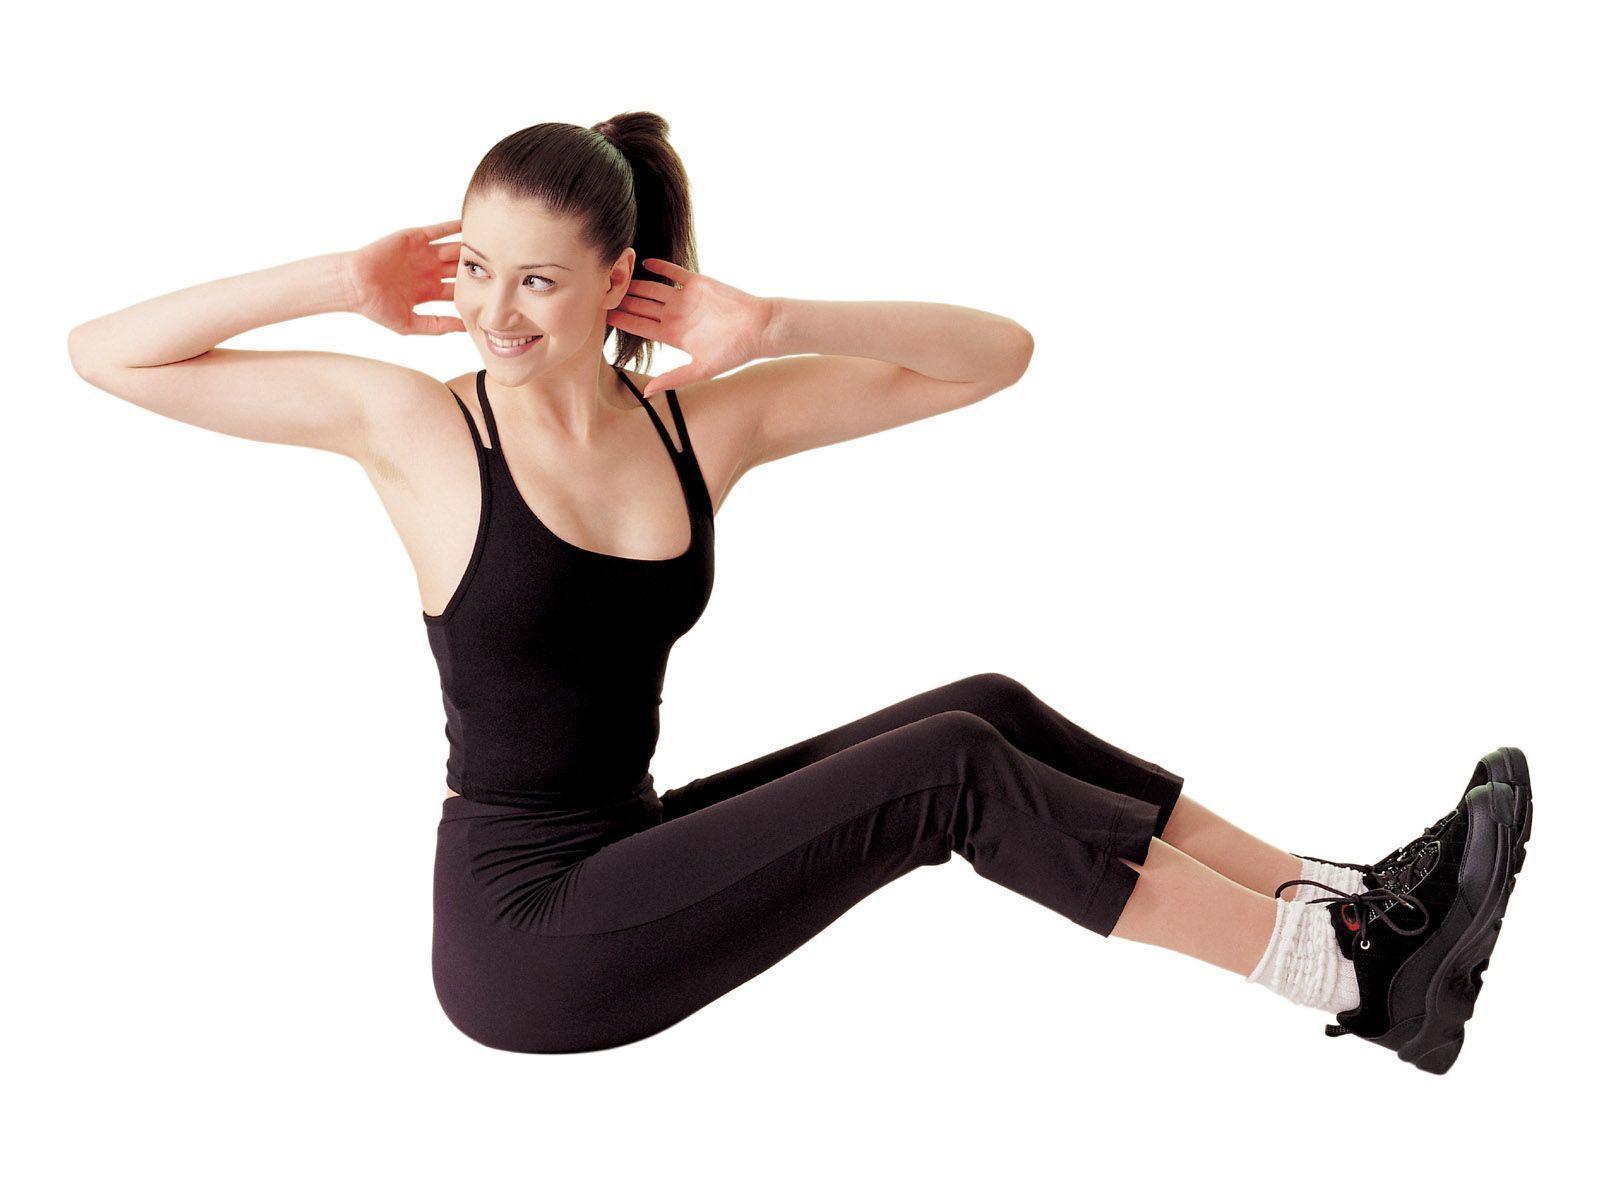 Где найти мотивацию для занятия фитнесом